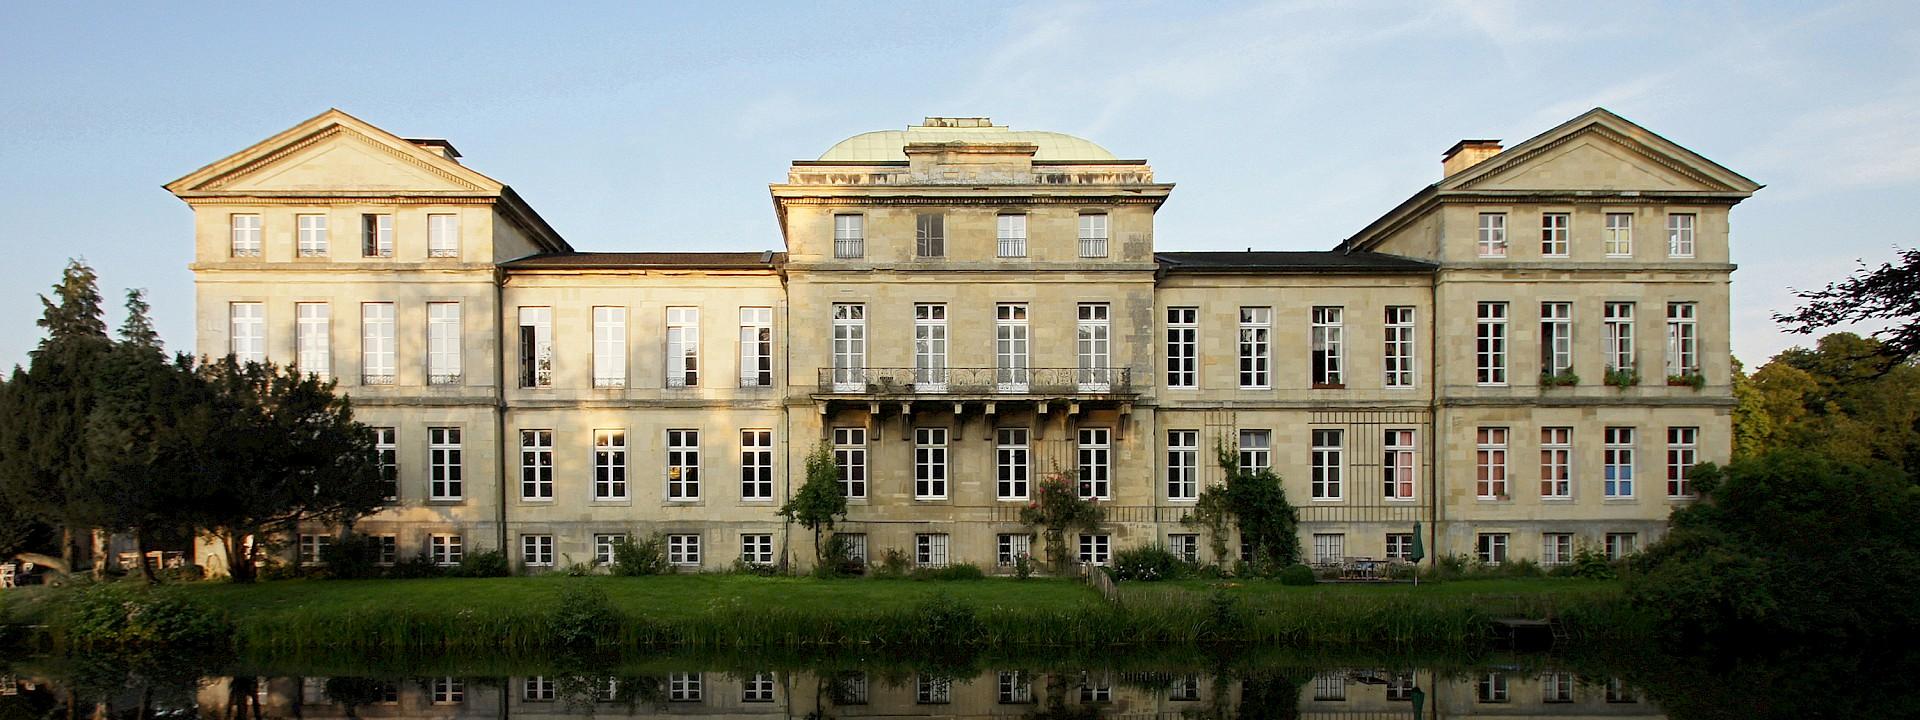 Schlösser- und Burgentag Münsterland 15. Juni 2019